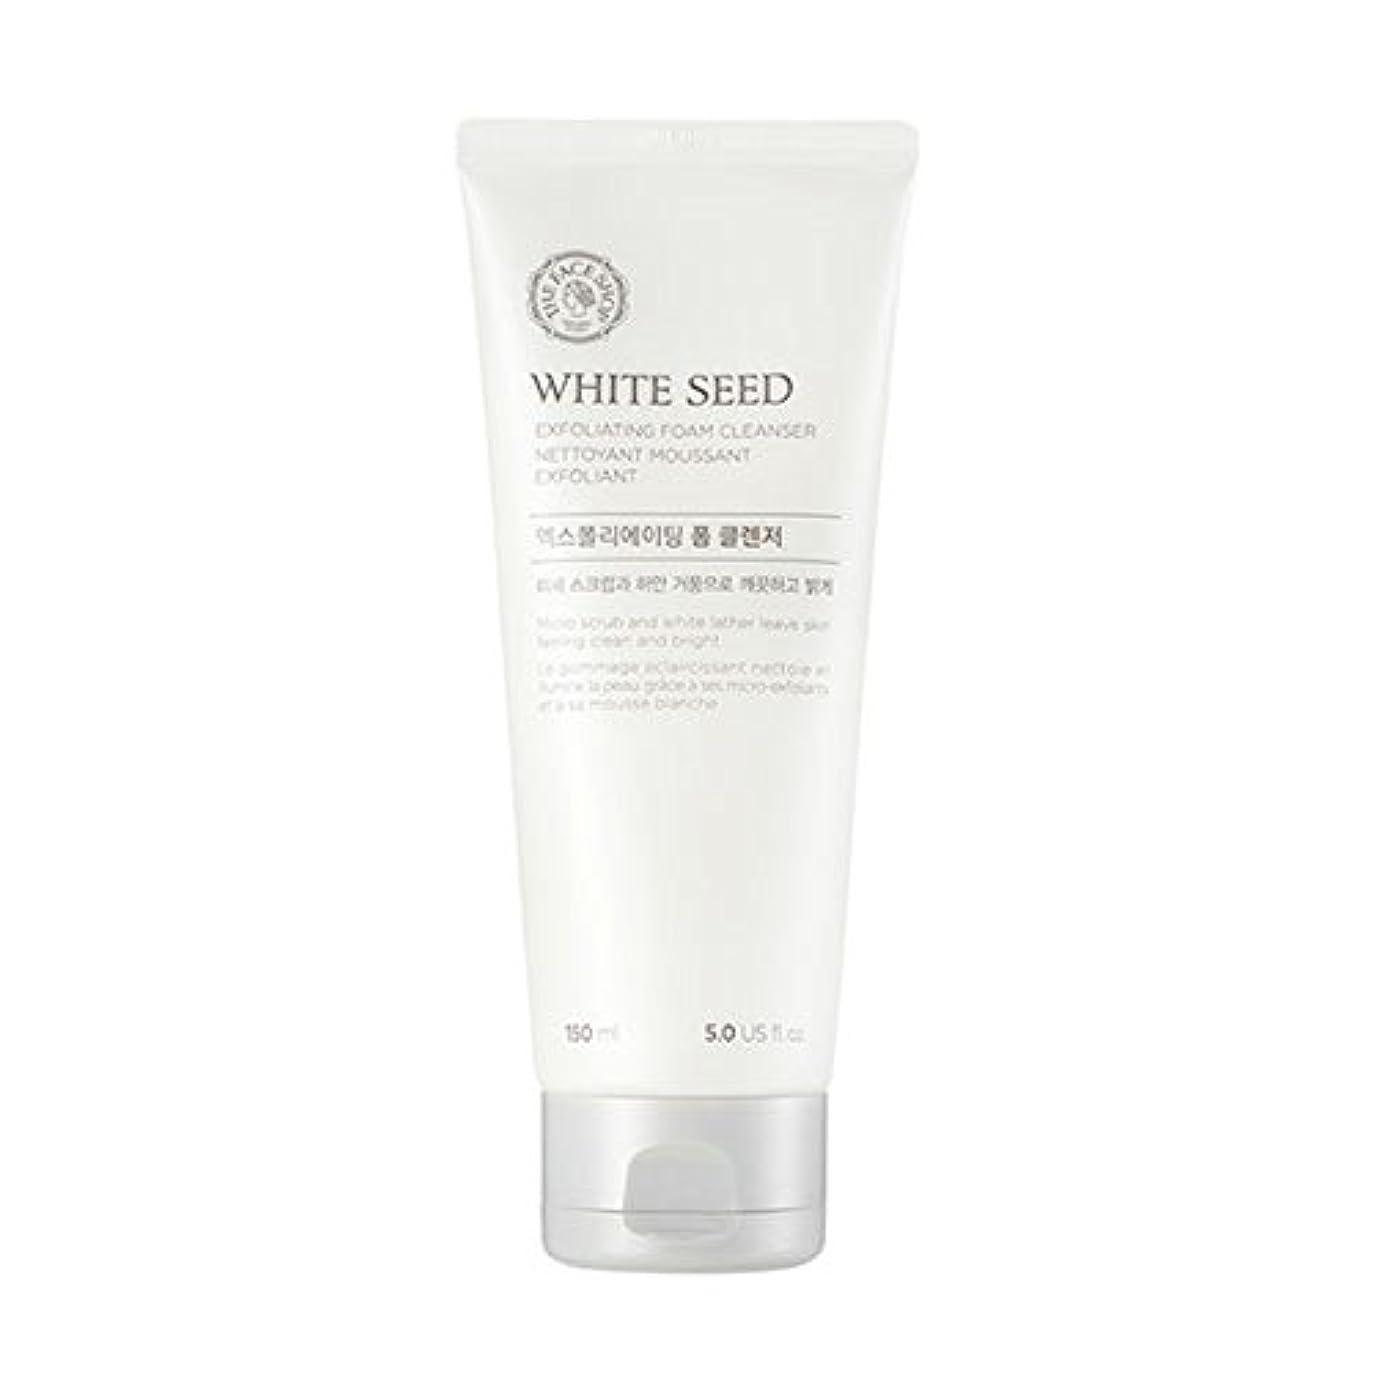 止まるペネロペ謝罪する[ザフェイスショップ] The Face Shop ホワイトシードエクスフォリエイティングクレンザー(150ml) The Face Shop White Seed Exfoliating Foam Cleanser(150ml...